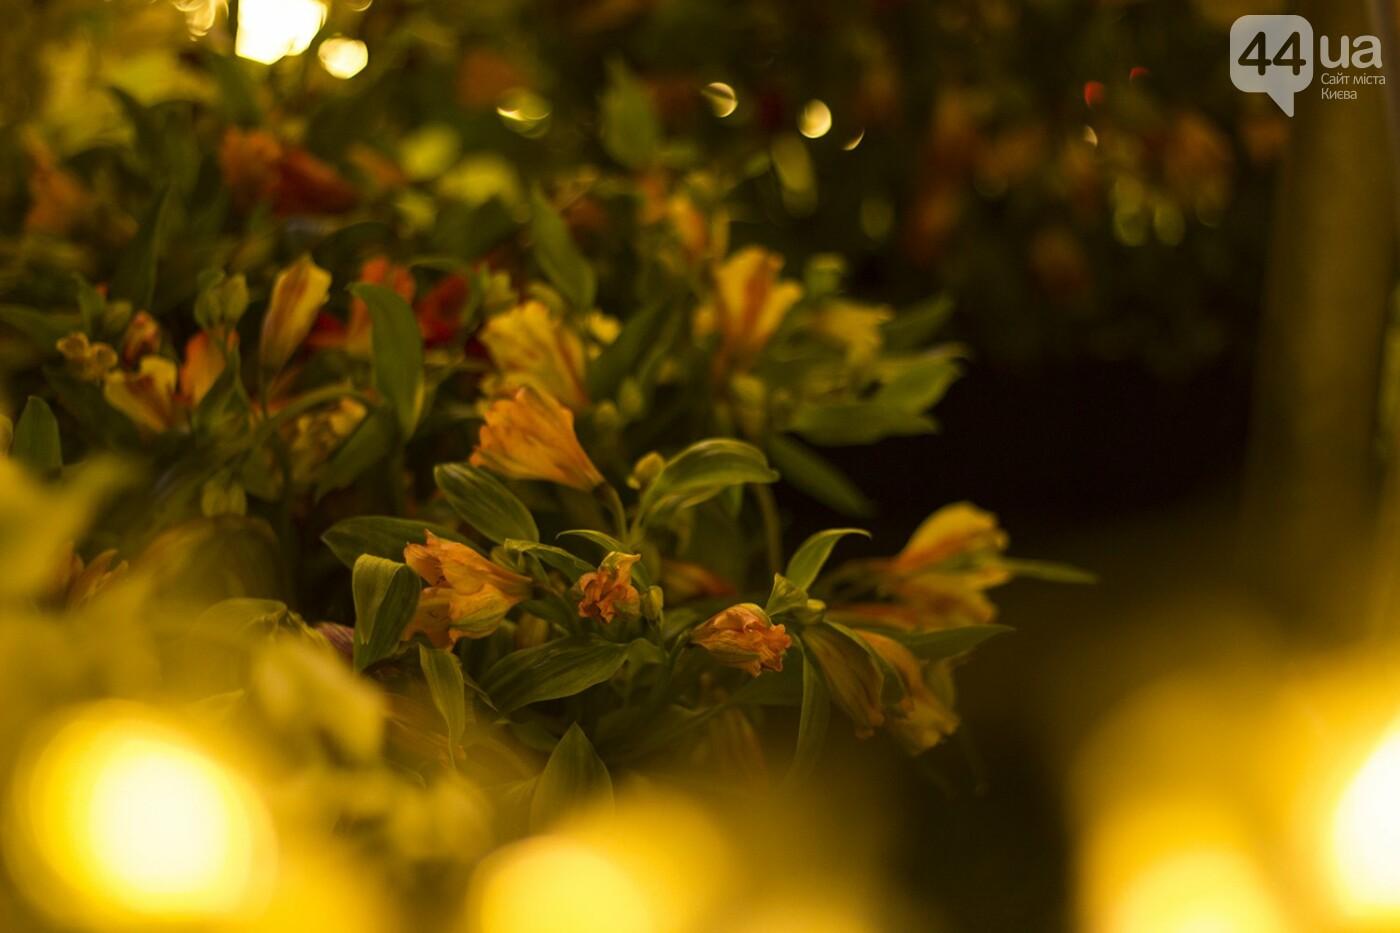 Пасхальная иллюминация: как выглядит фестиваль писанок ночью, фото-19